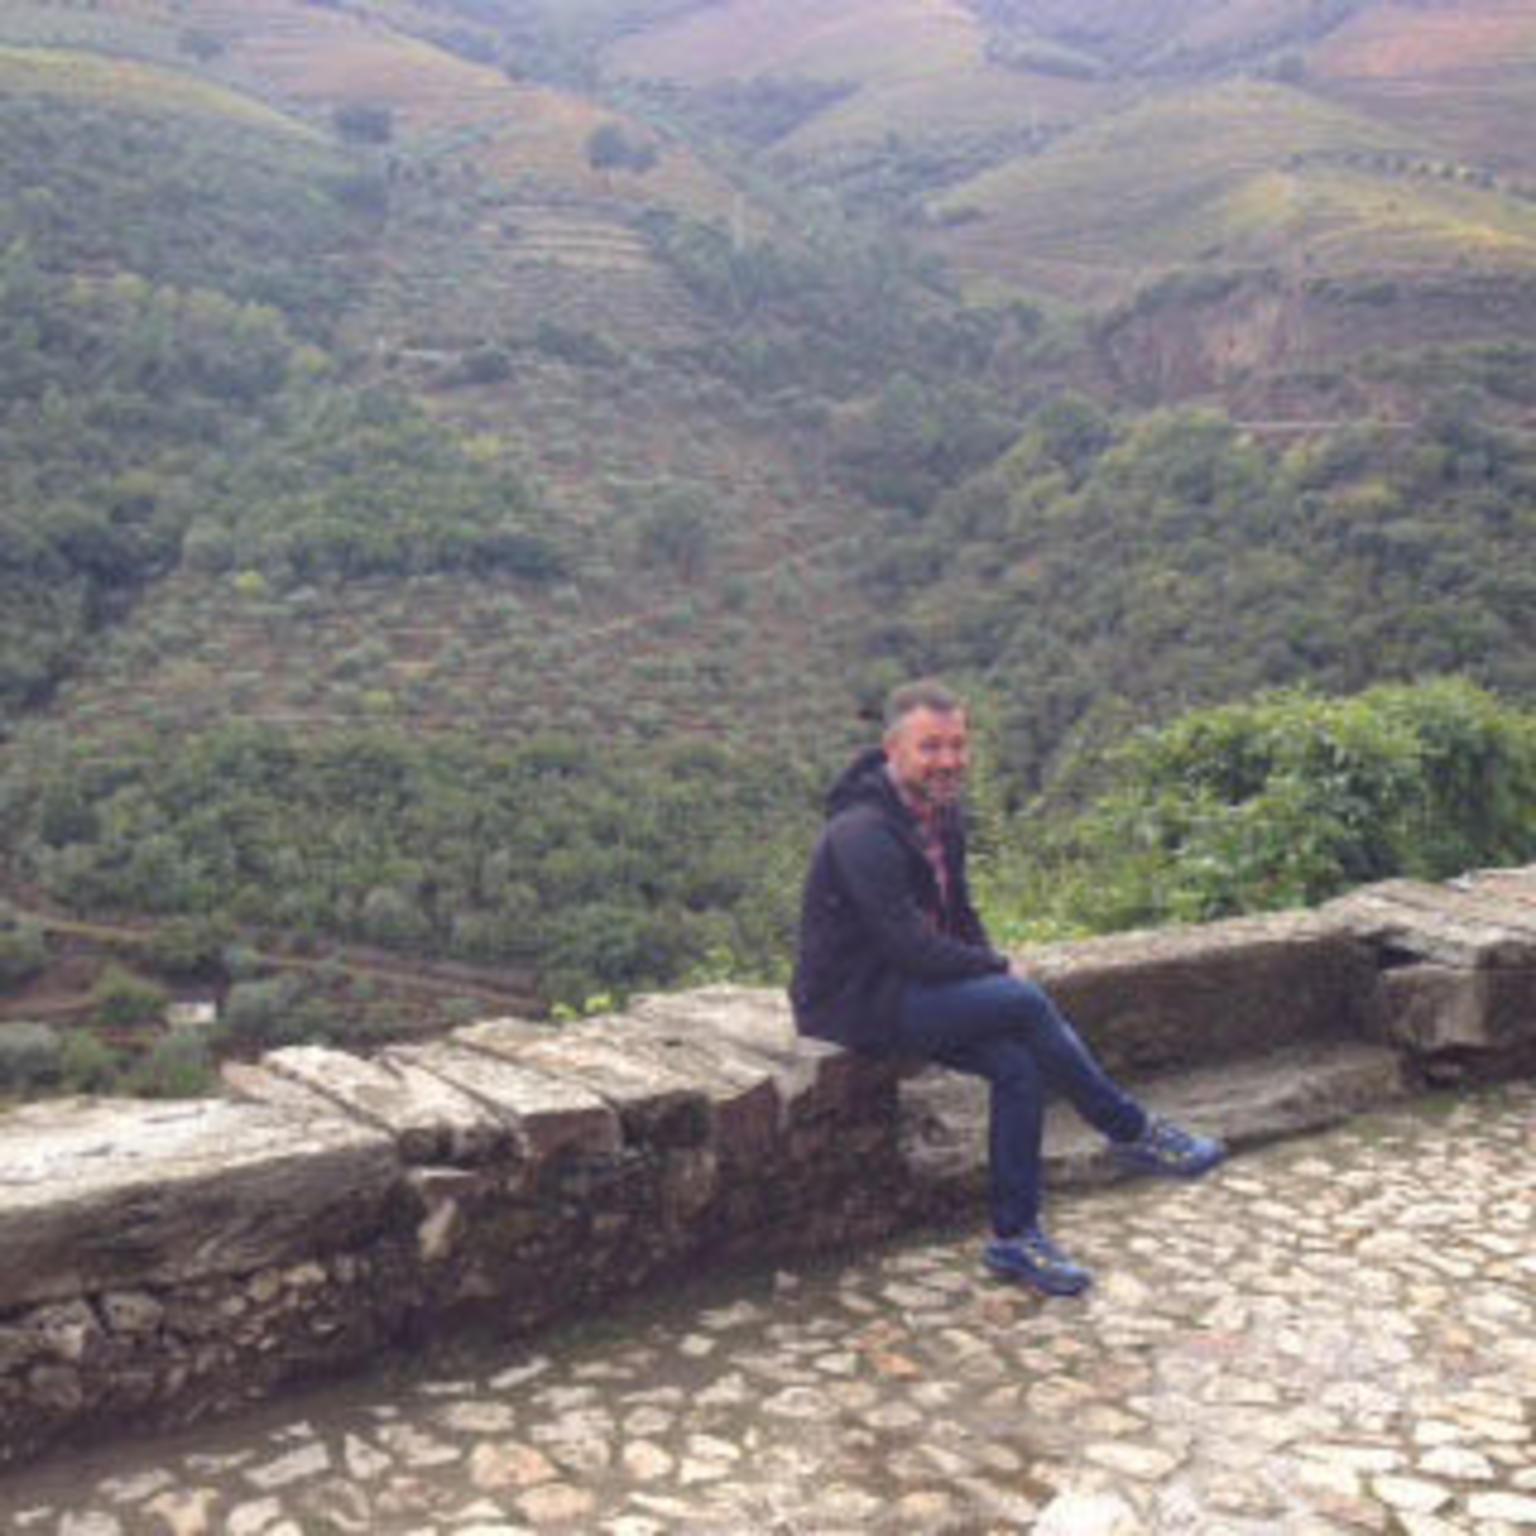 MÁS FOTOS, Recorrido vinícola por el Valle del Duero: visita a tres viñedos con catas y almuerzo